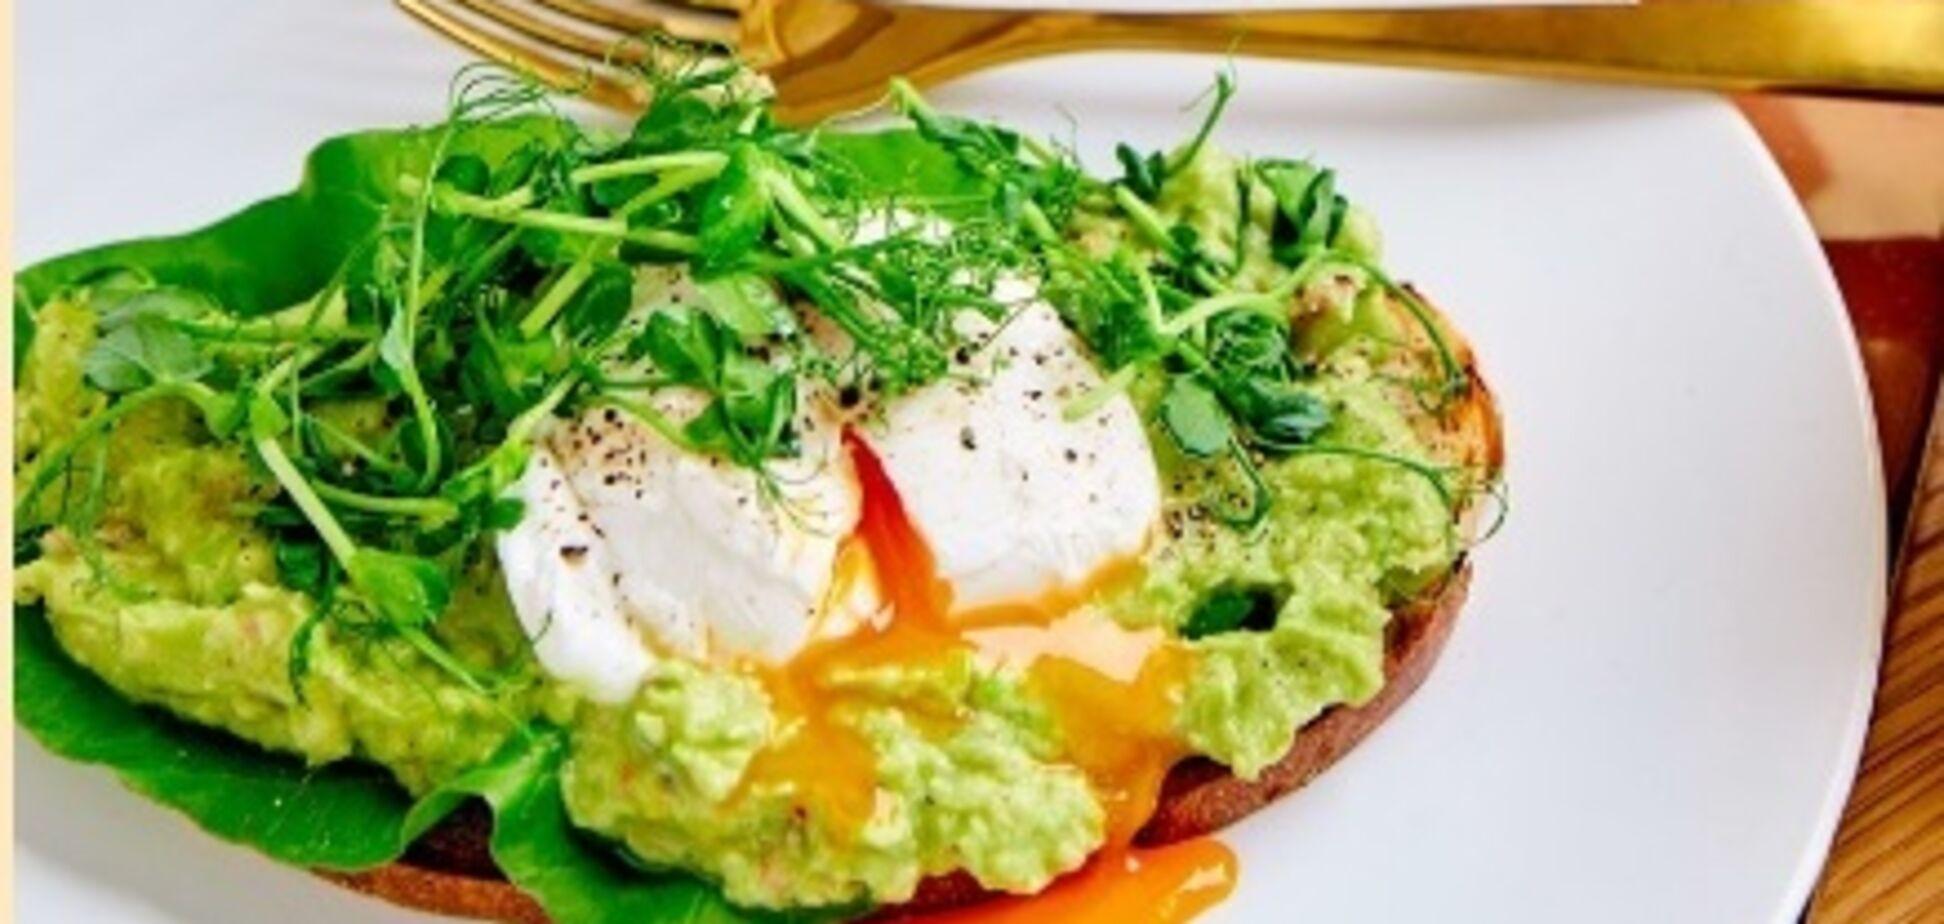 Пюре з авокадо з чилі: приготування сніданку за рецептом елітного готелю Лондону